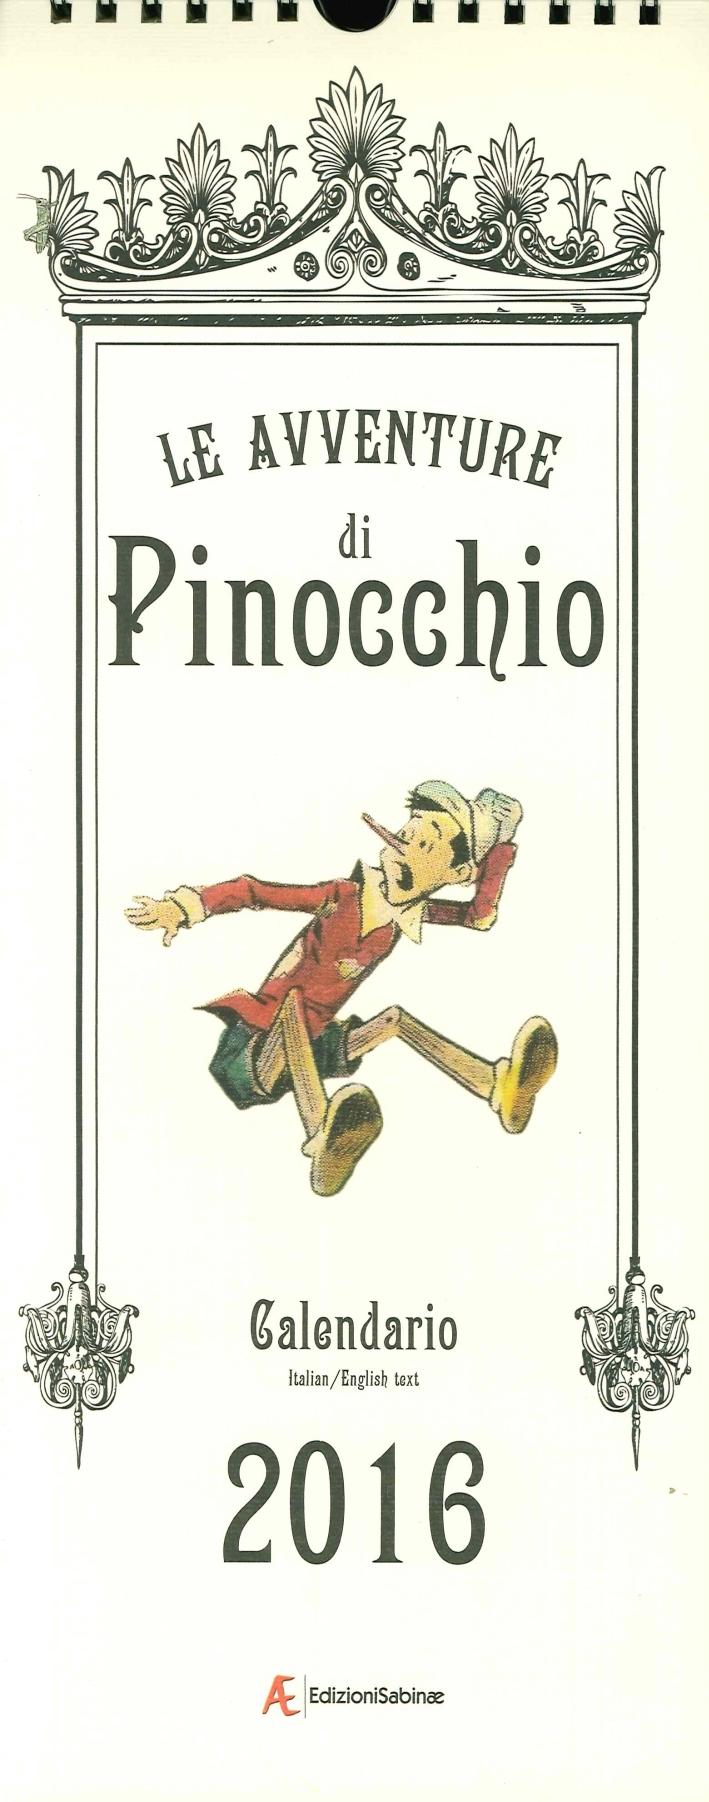 Le avventure di Pinocchio. Calendario 2016